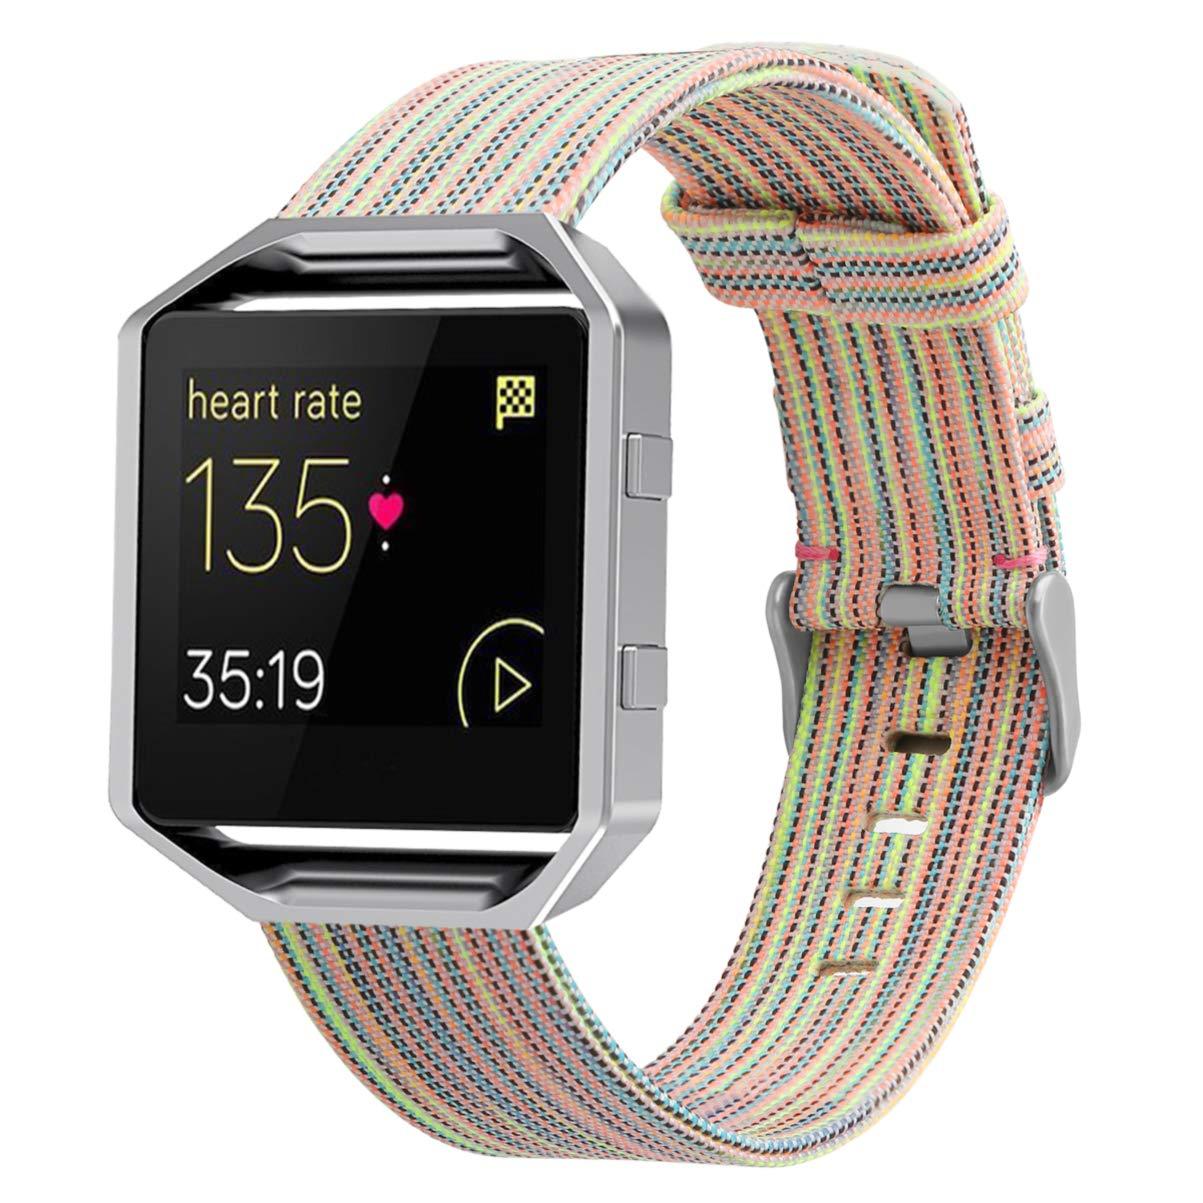 REPOO Fitbit Blaze用腕時計バンド スポーツスタイル キャンバス製 リストブレスレット 交換用 Fitbit Blazeスマートウォッチ用 B07Q1BHV8Z カラー Small